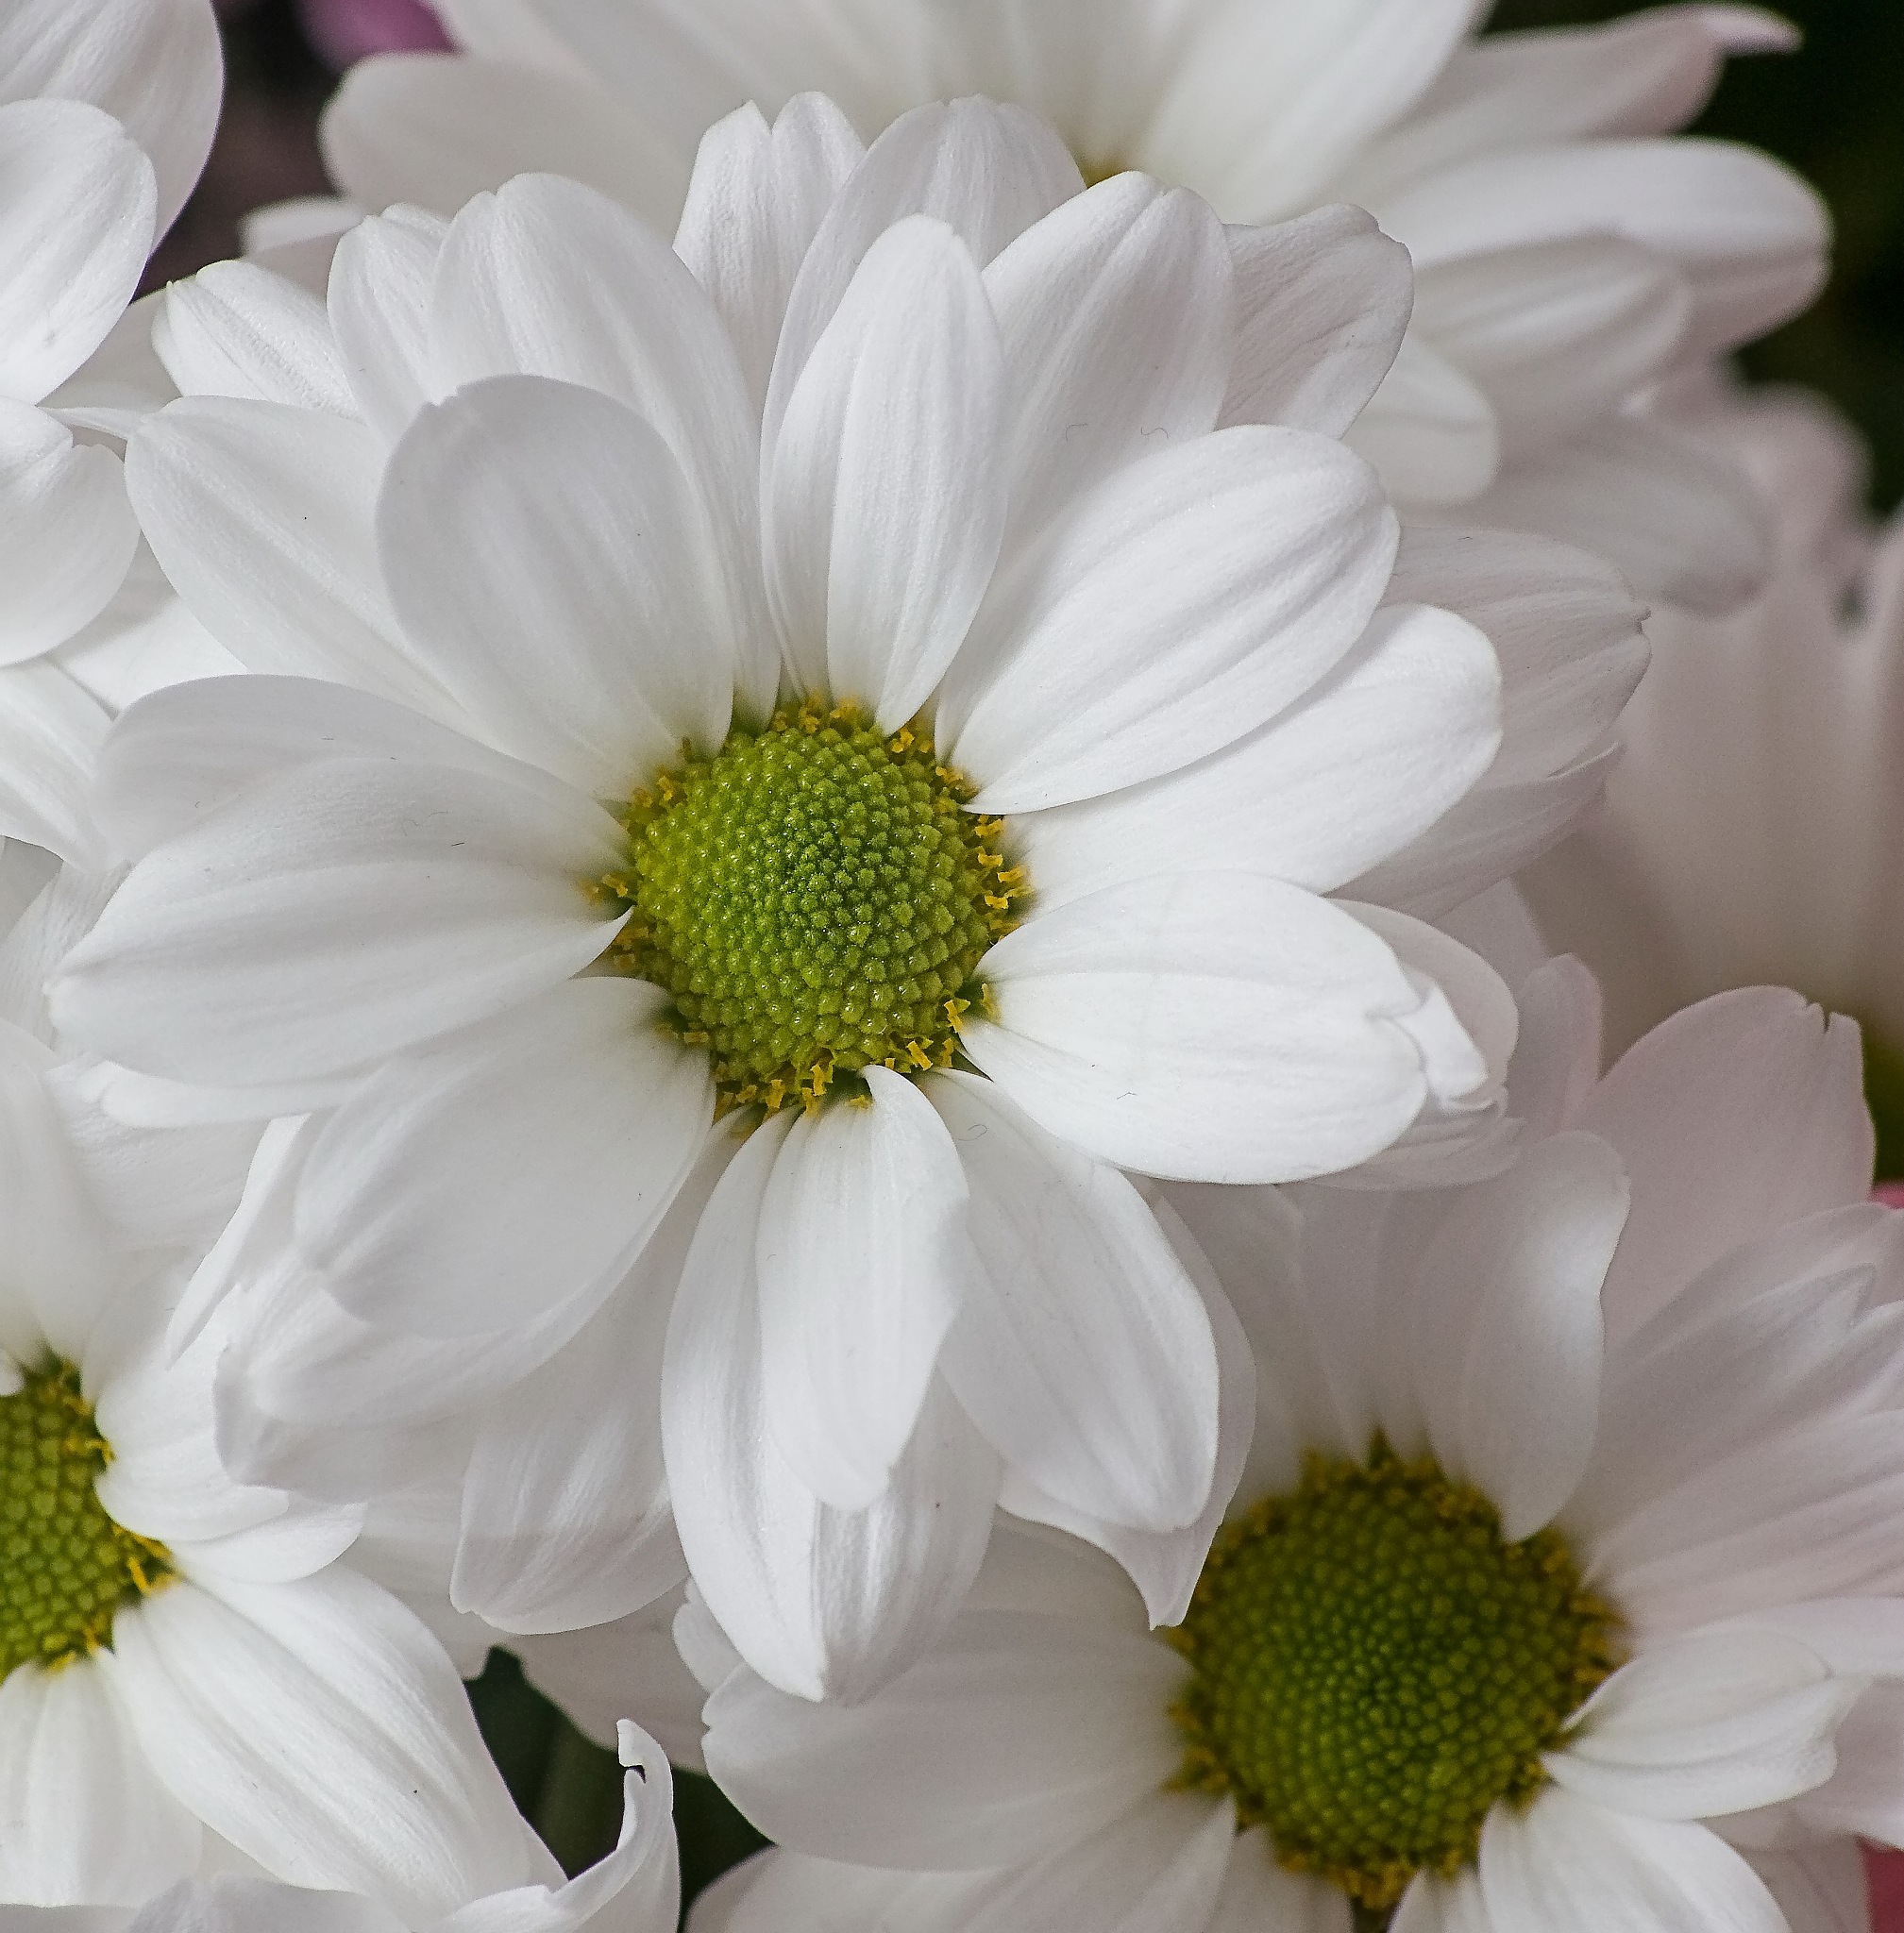 A close-up shot. by sidoneill1